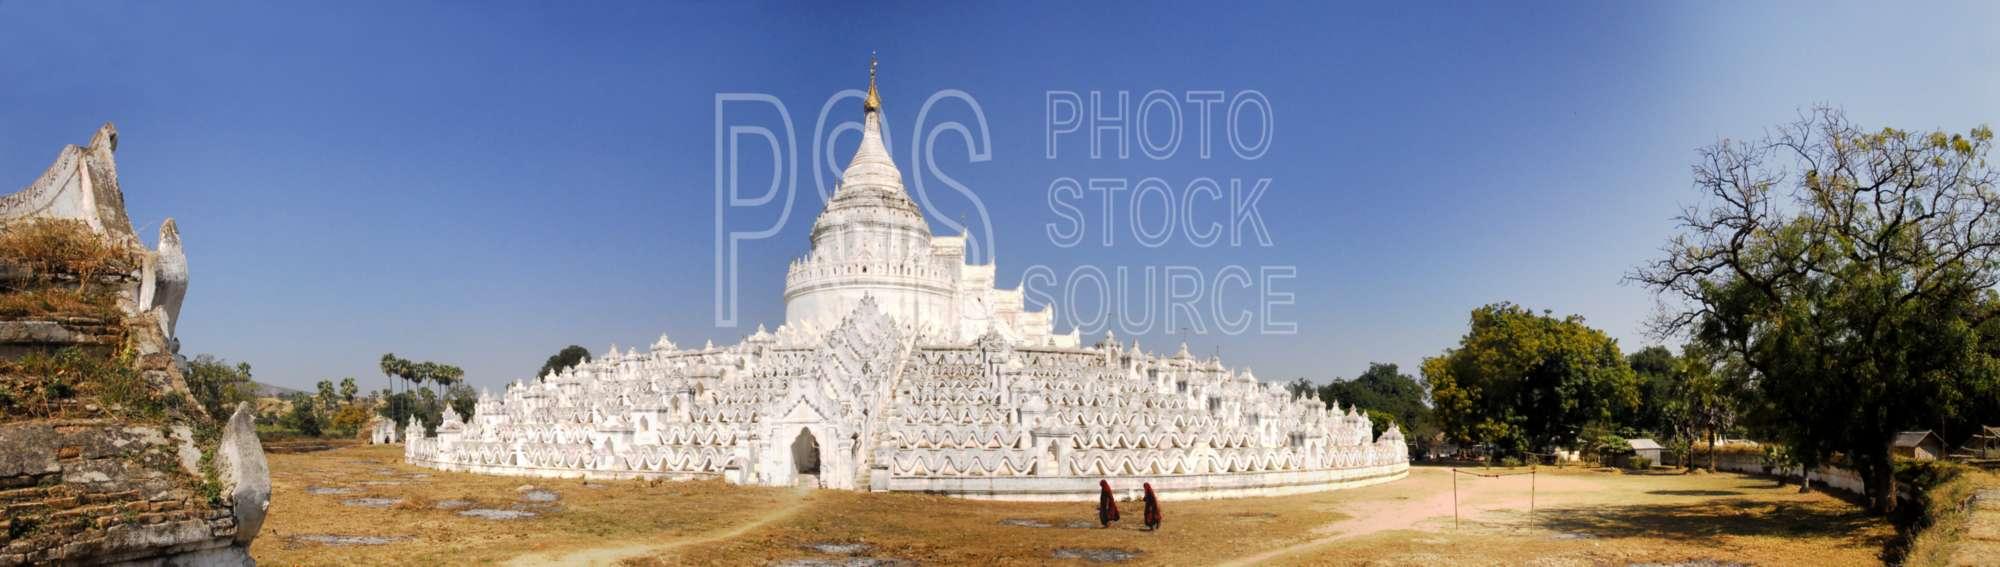 Hsinbhyumae Pagoda